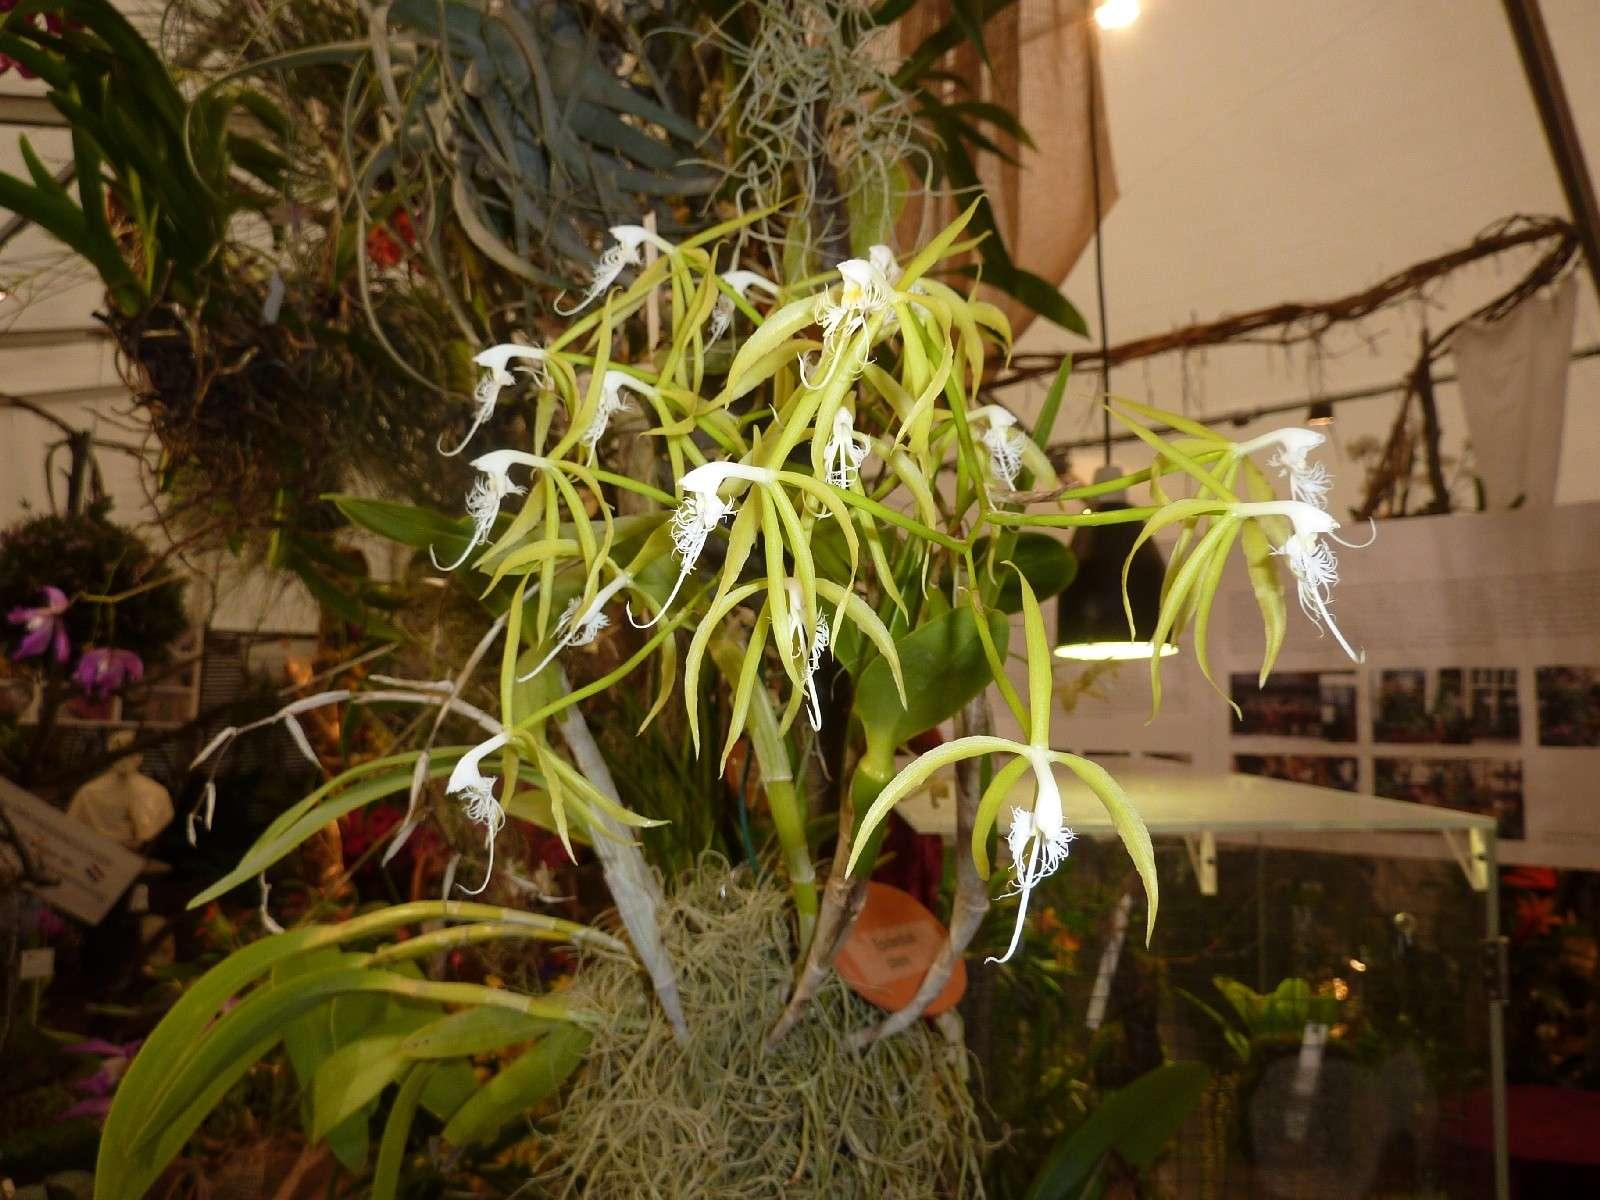 Orchideenausstellung Klosterneuburg 2013 Epiden10